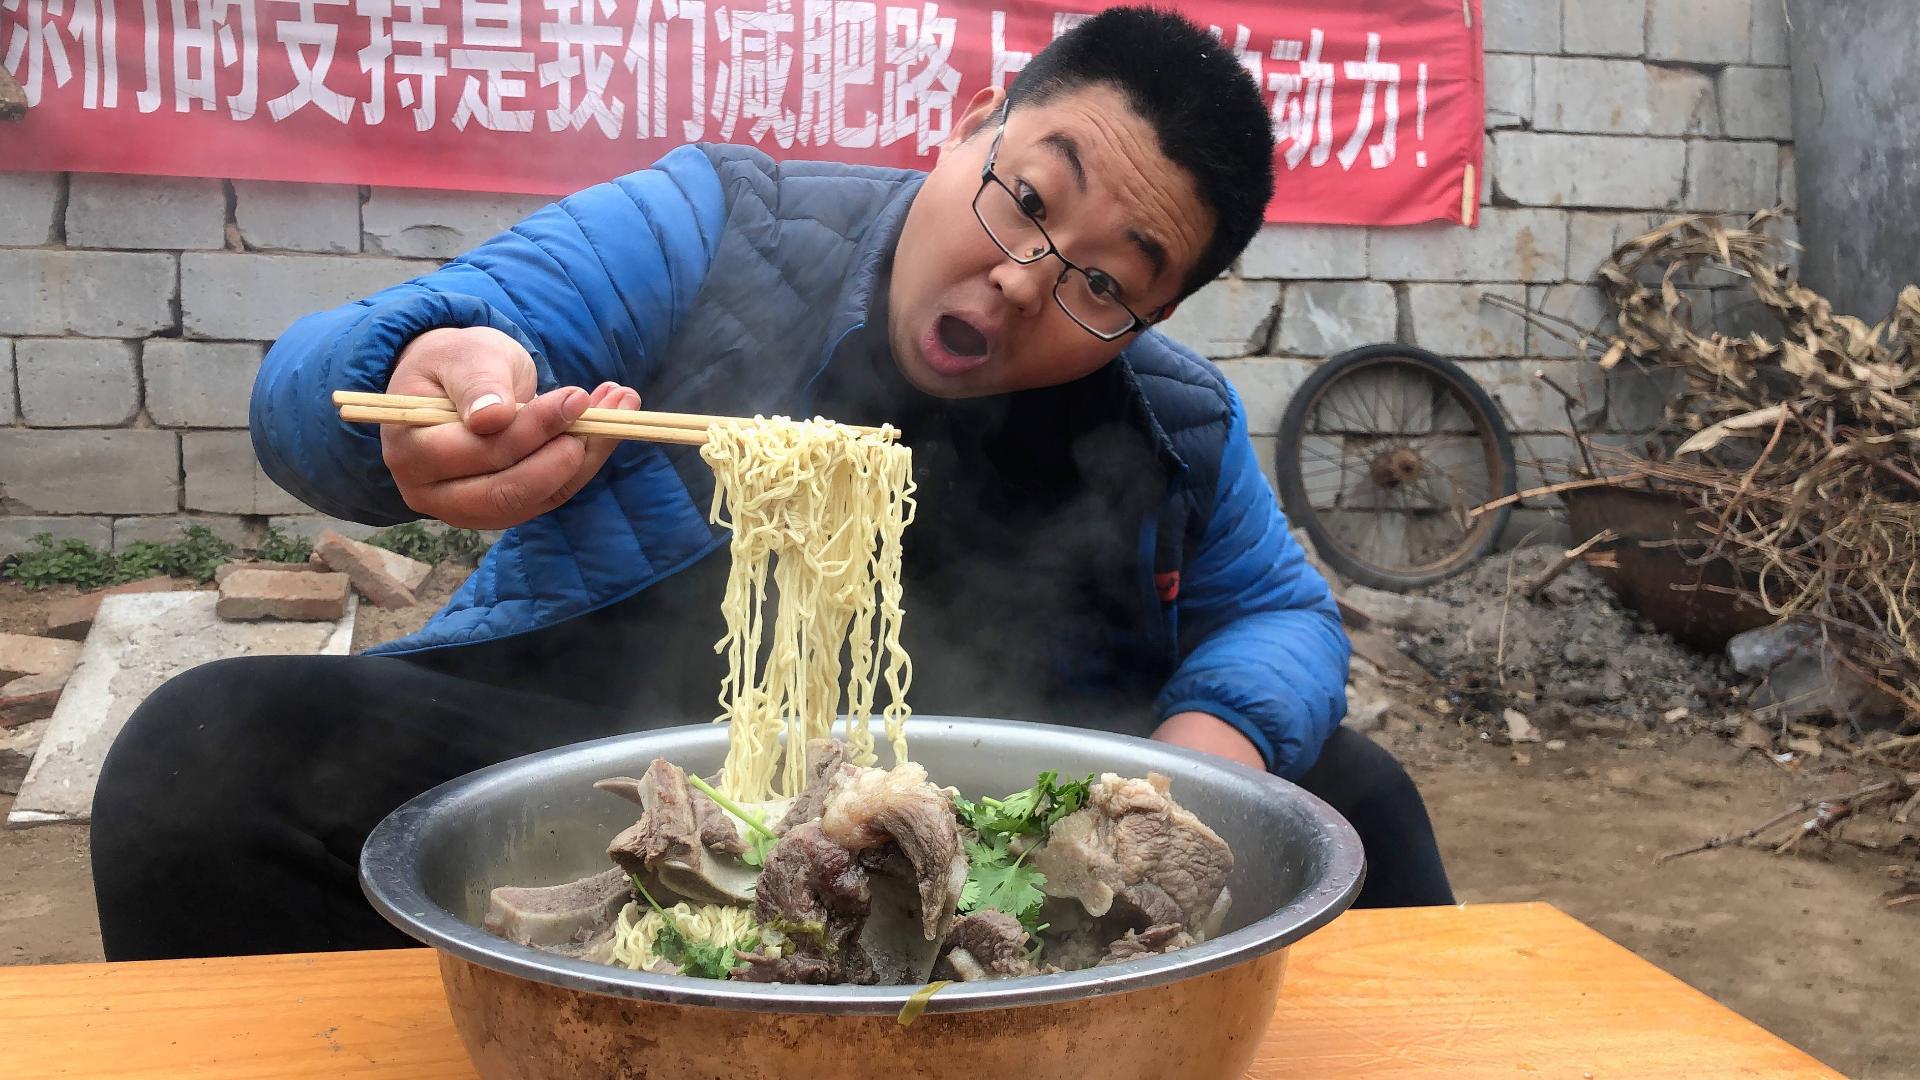 80买8斤猪大骨,熬一锅大骨汤,做盆猪骨面,吃一口根本停不下来